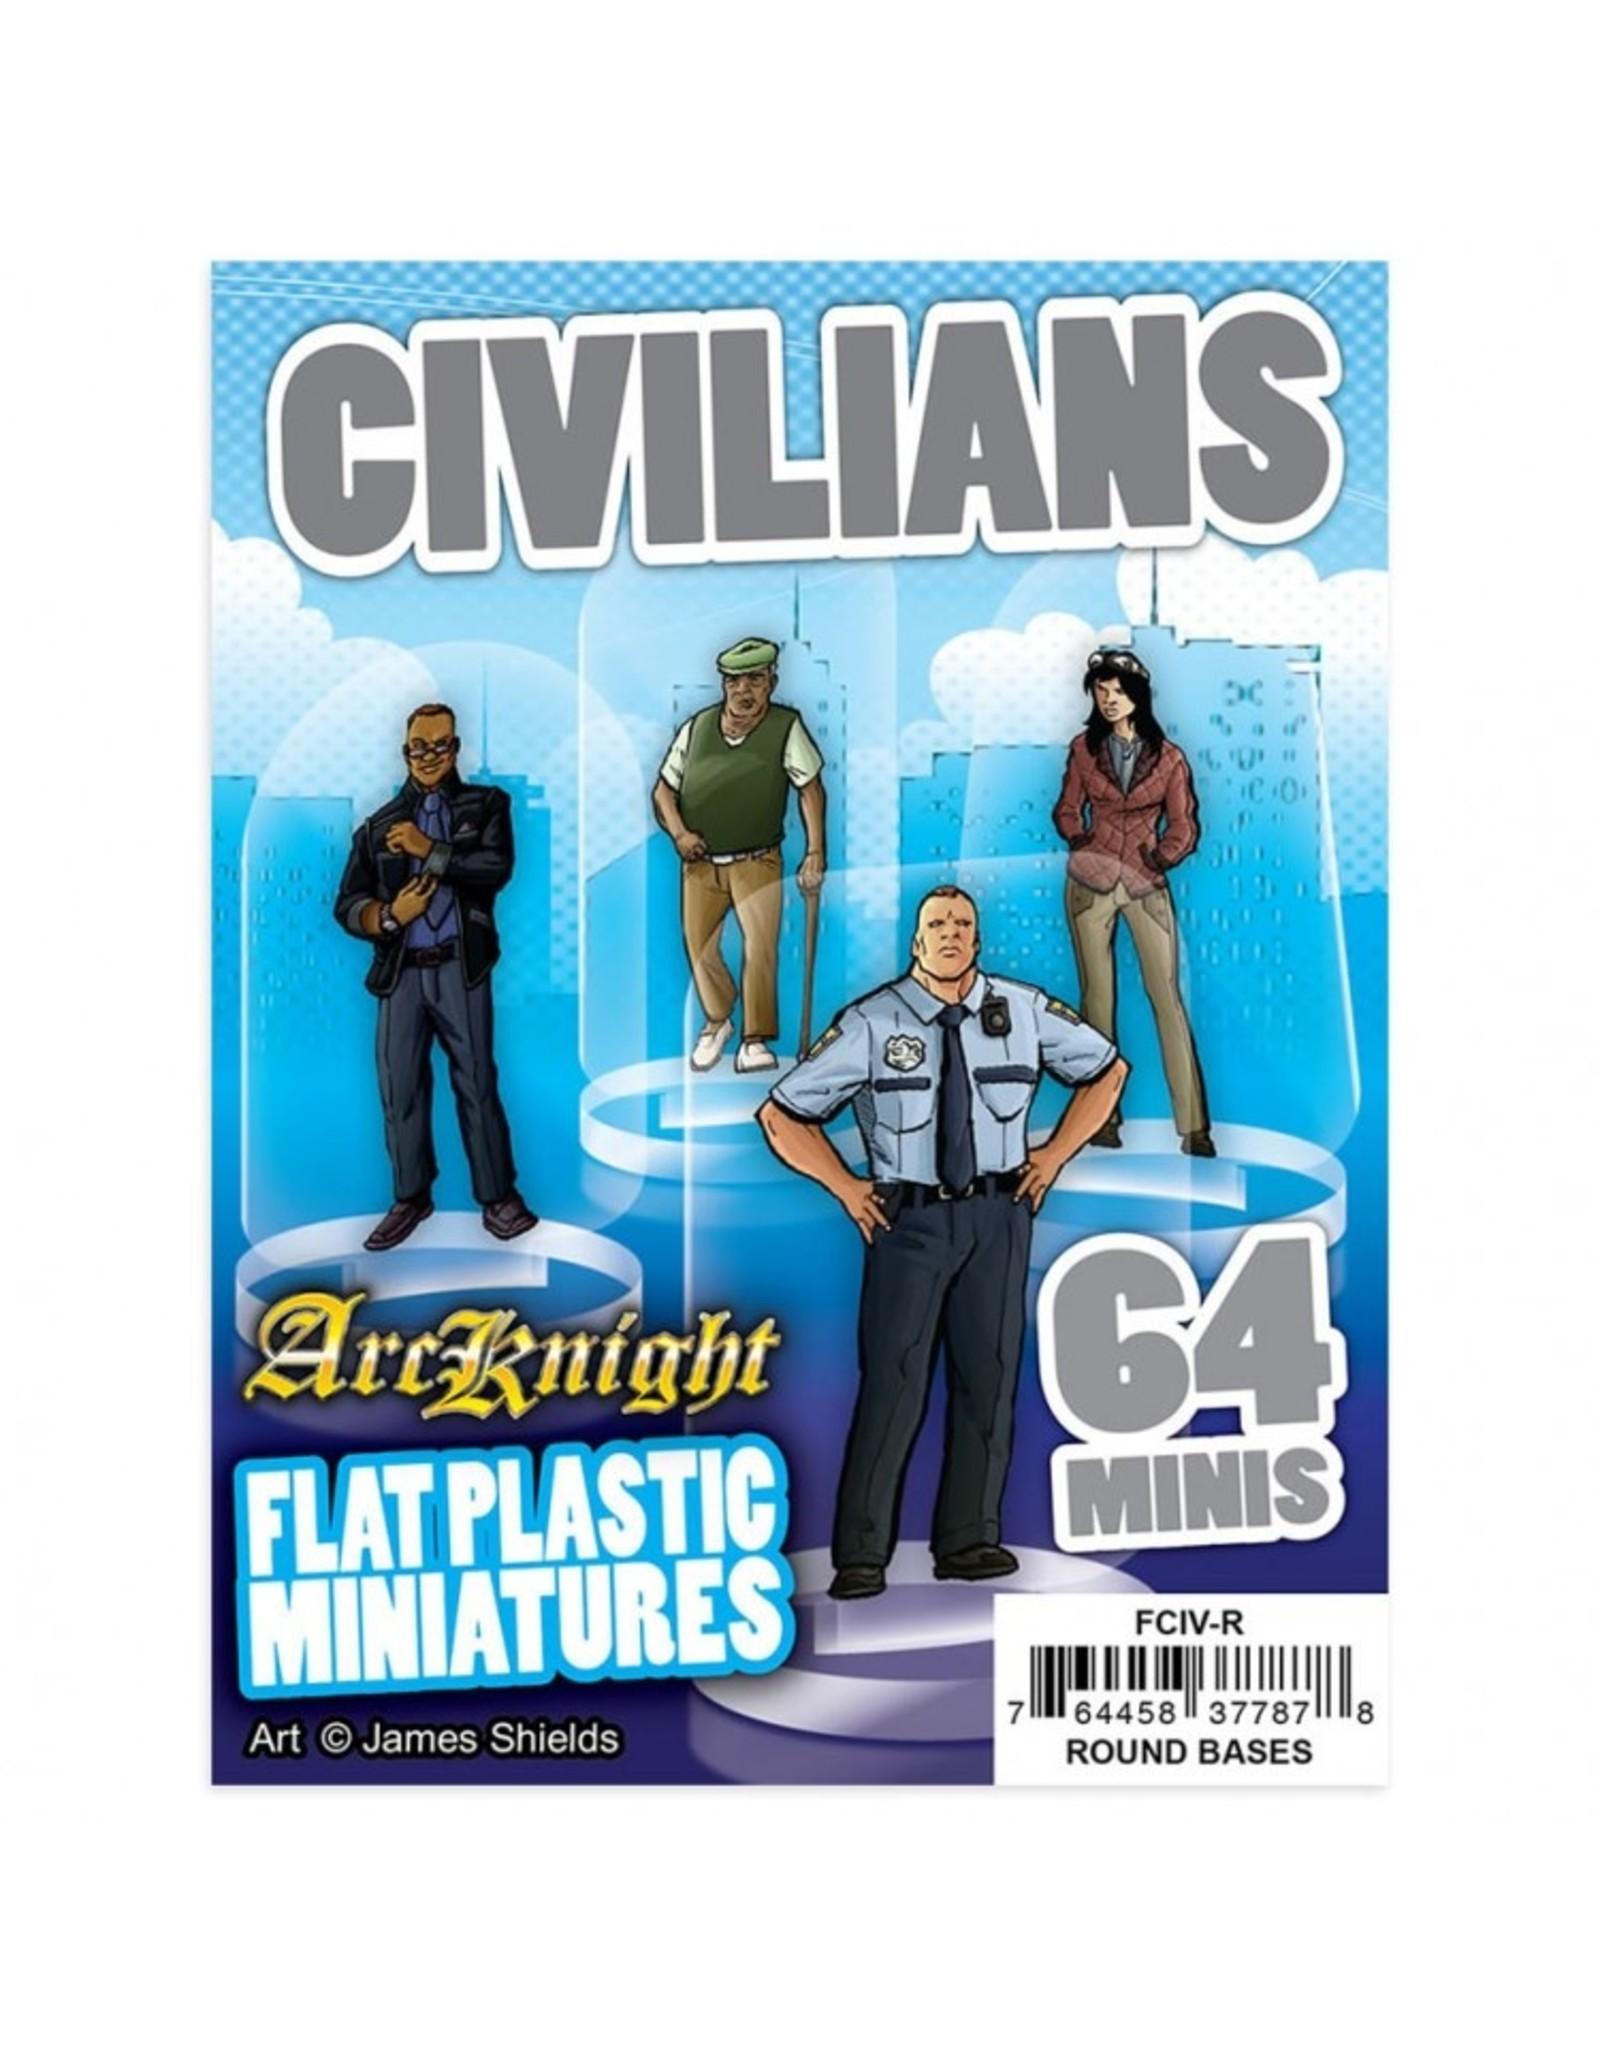 Arcknight Flat Plastic Minis: Civilians